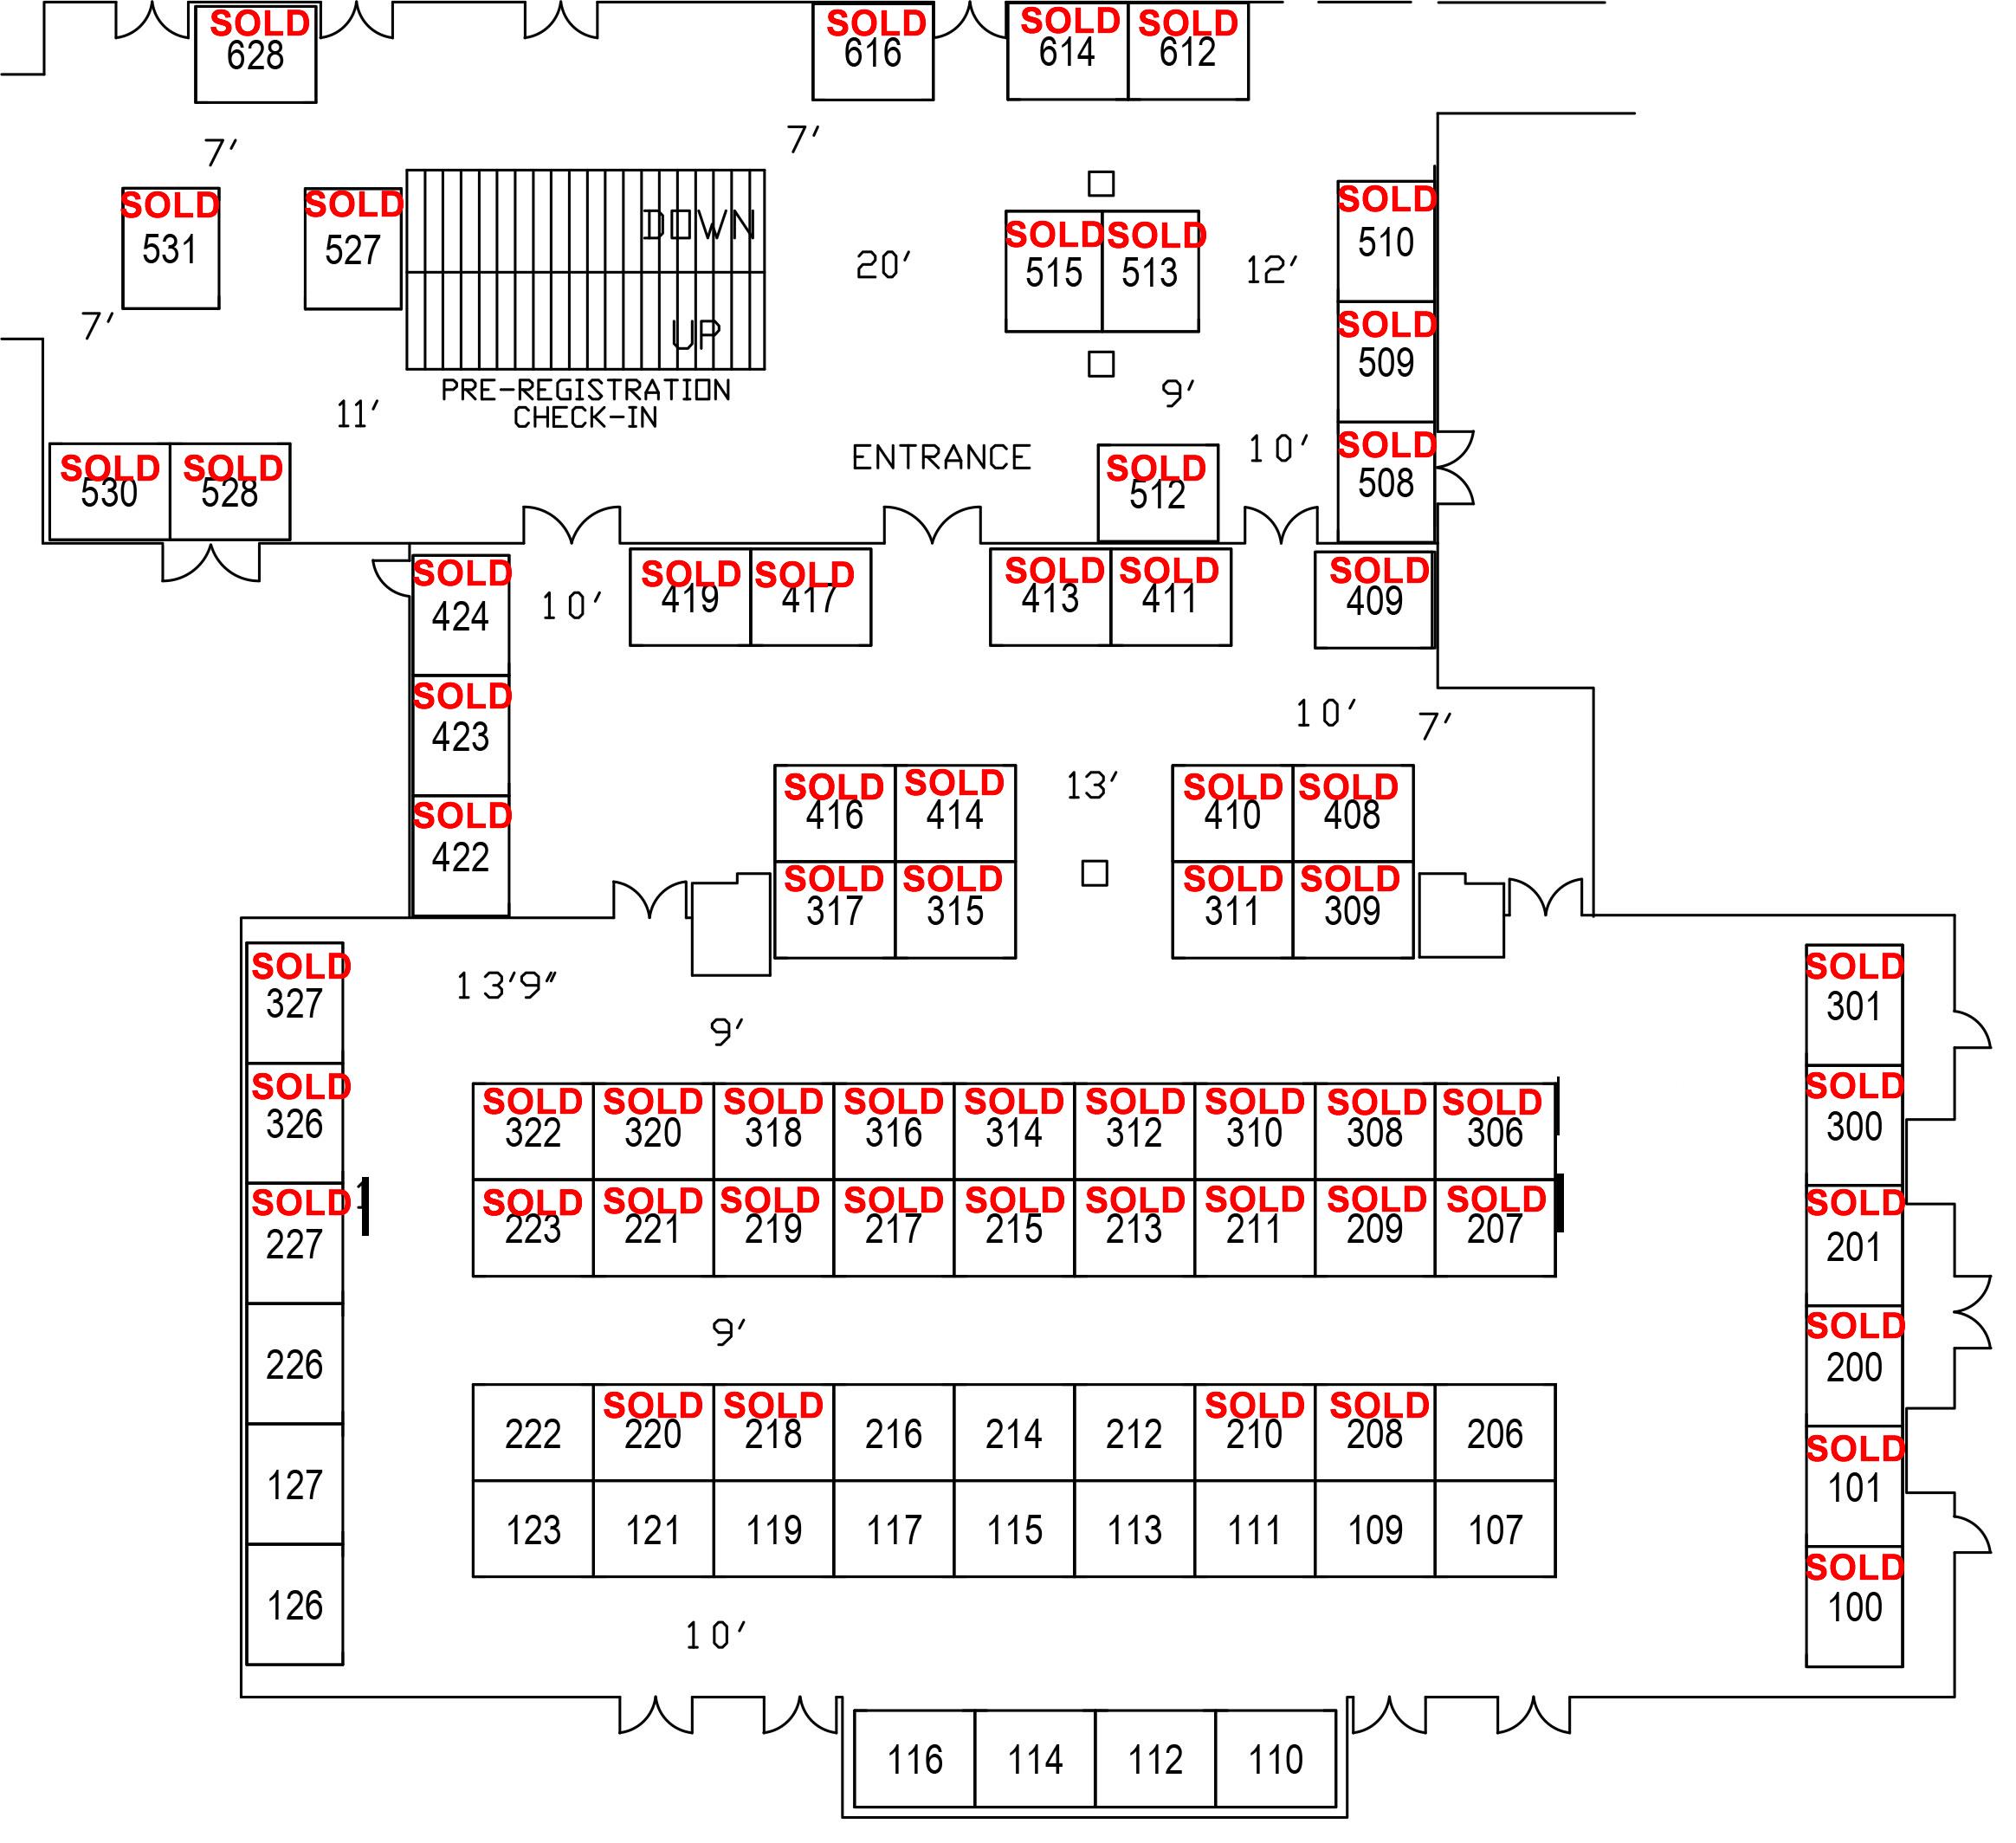 Floorplan at Harveys Sold 101415-2